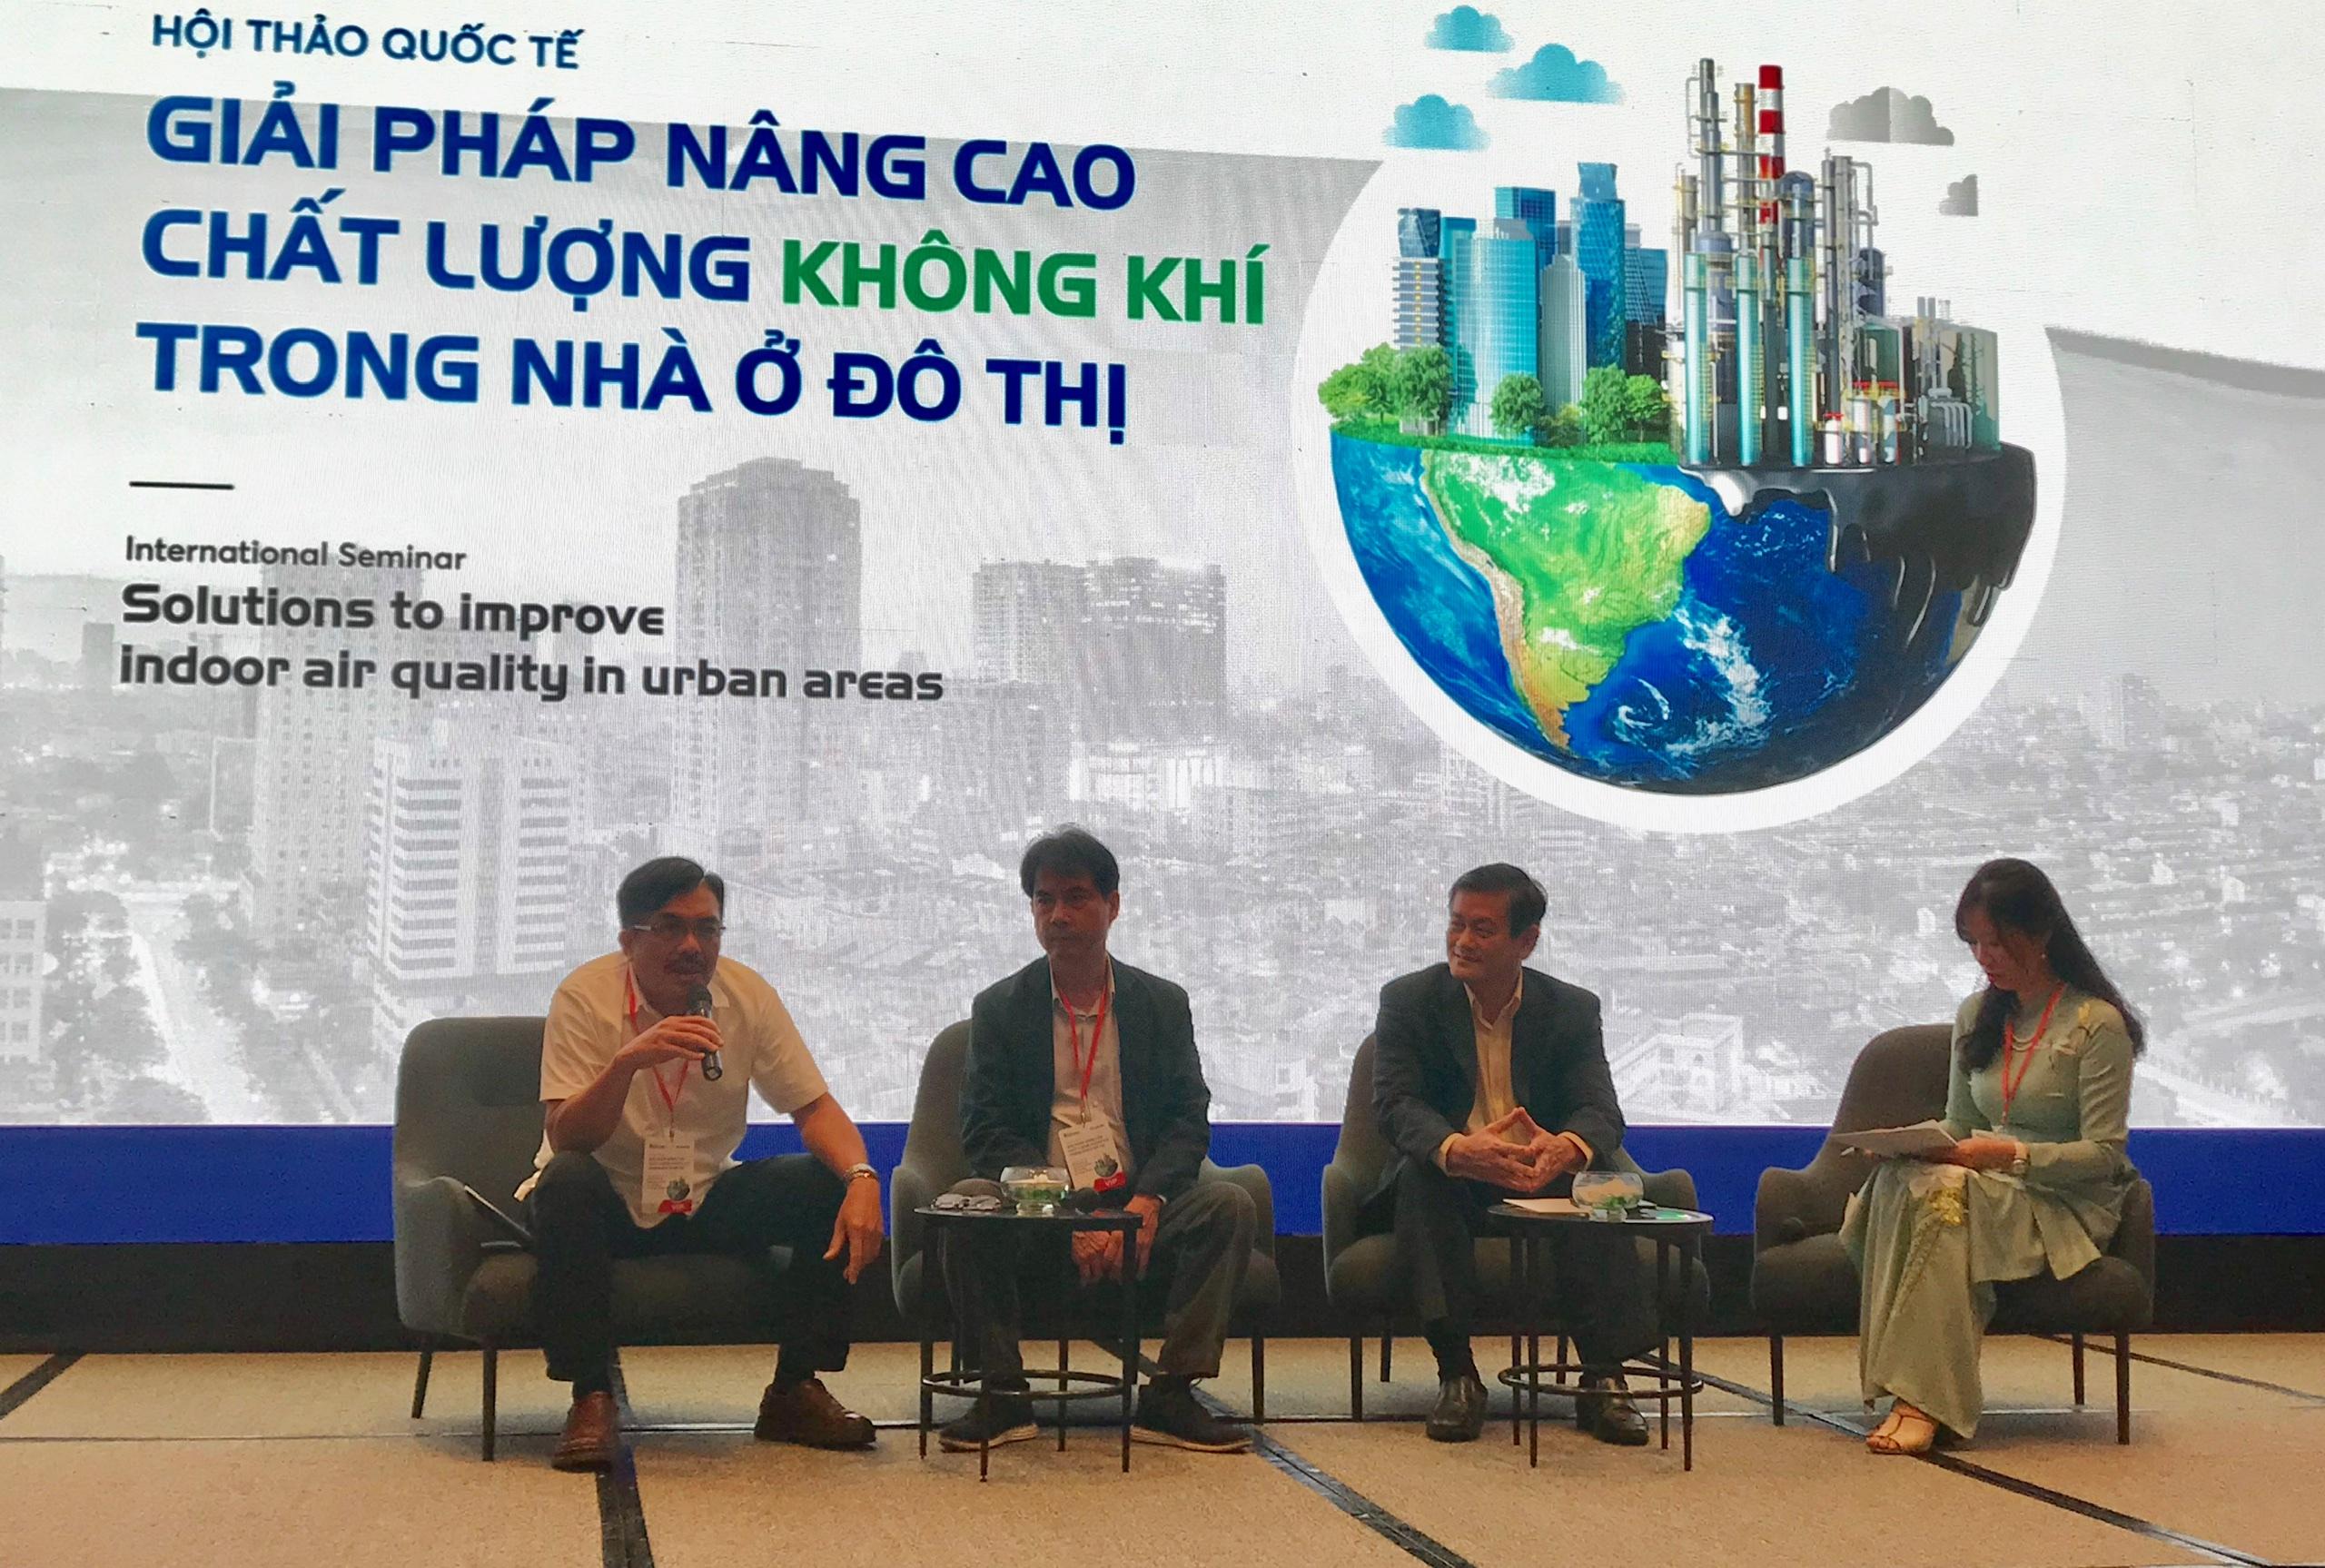 Cải thiện chất lượng không khí nhà ở đô thị từ việc qui hoạch kết hợp giải pháp công nghệ - Ảnh 1.